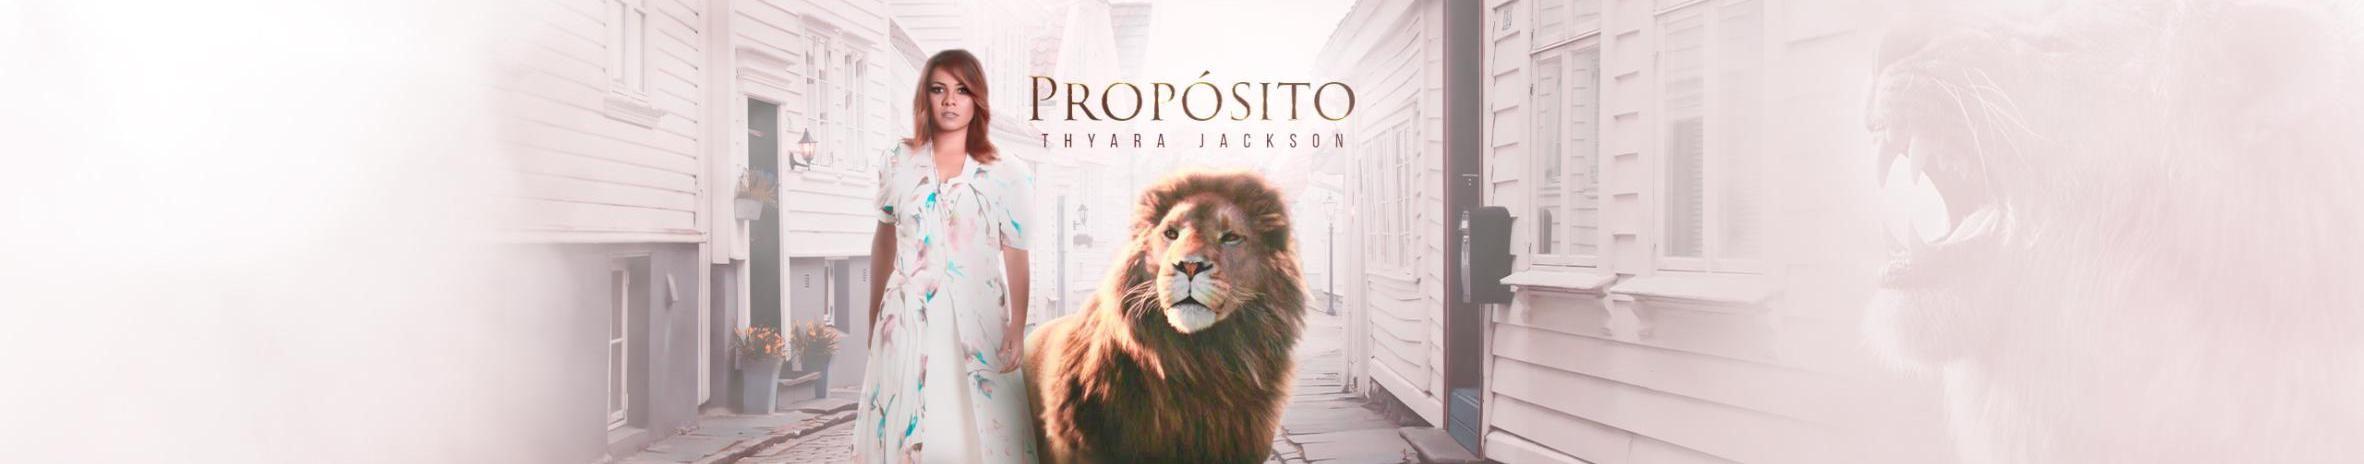 Imagem de capa de Thyara Jackson